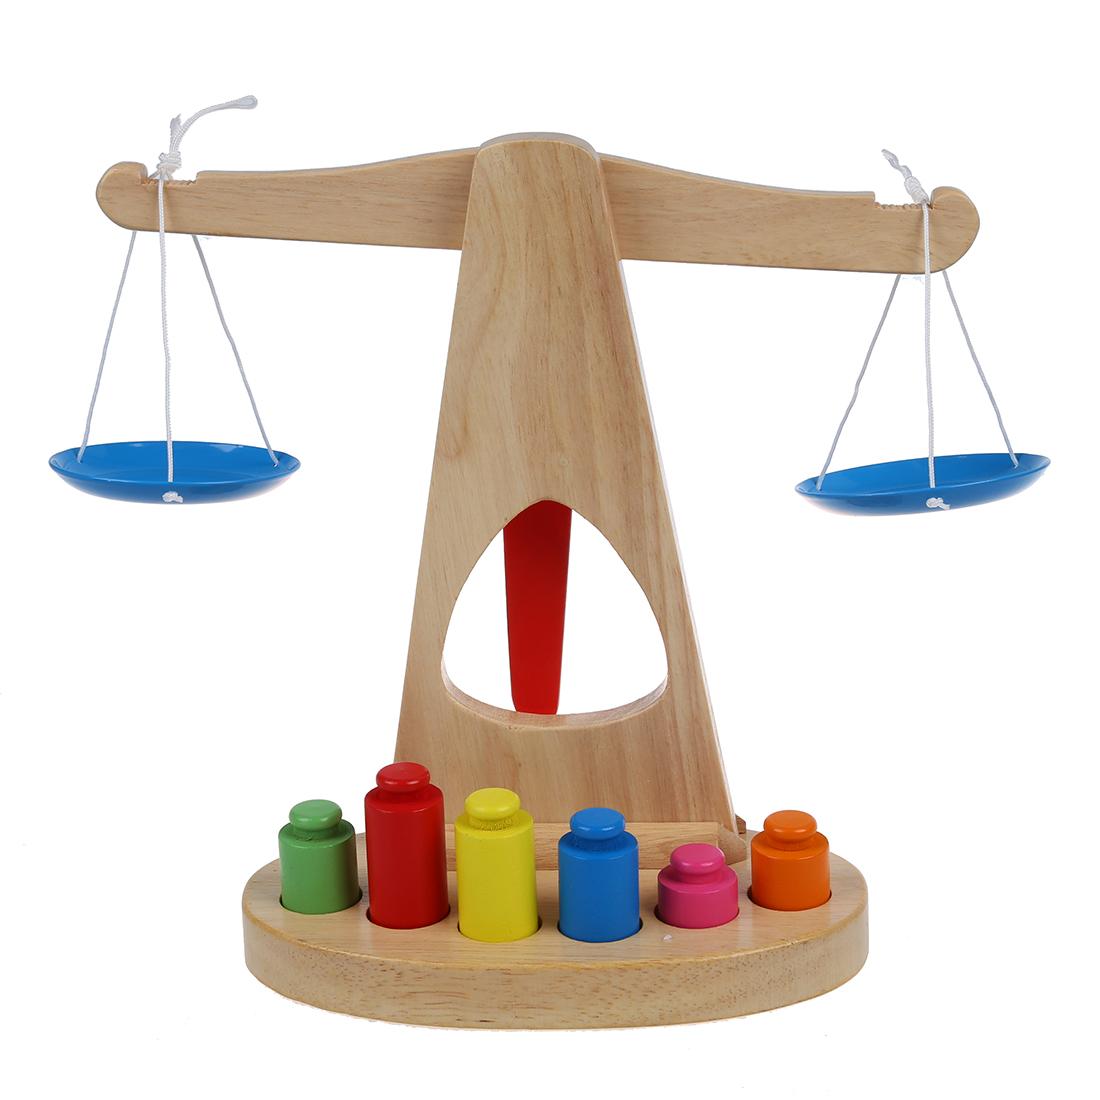 T3Y6 5X Children Kids Baby Toy Wooden Balance Toys Block ...